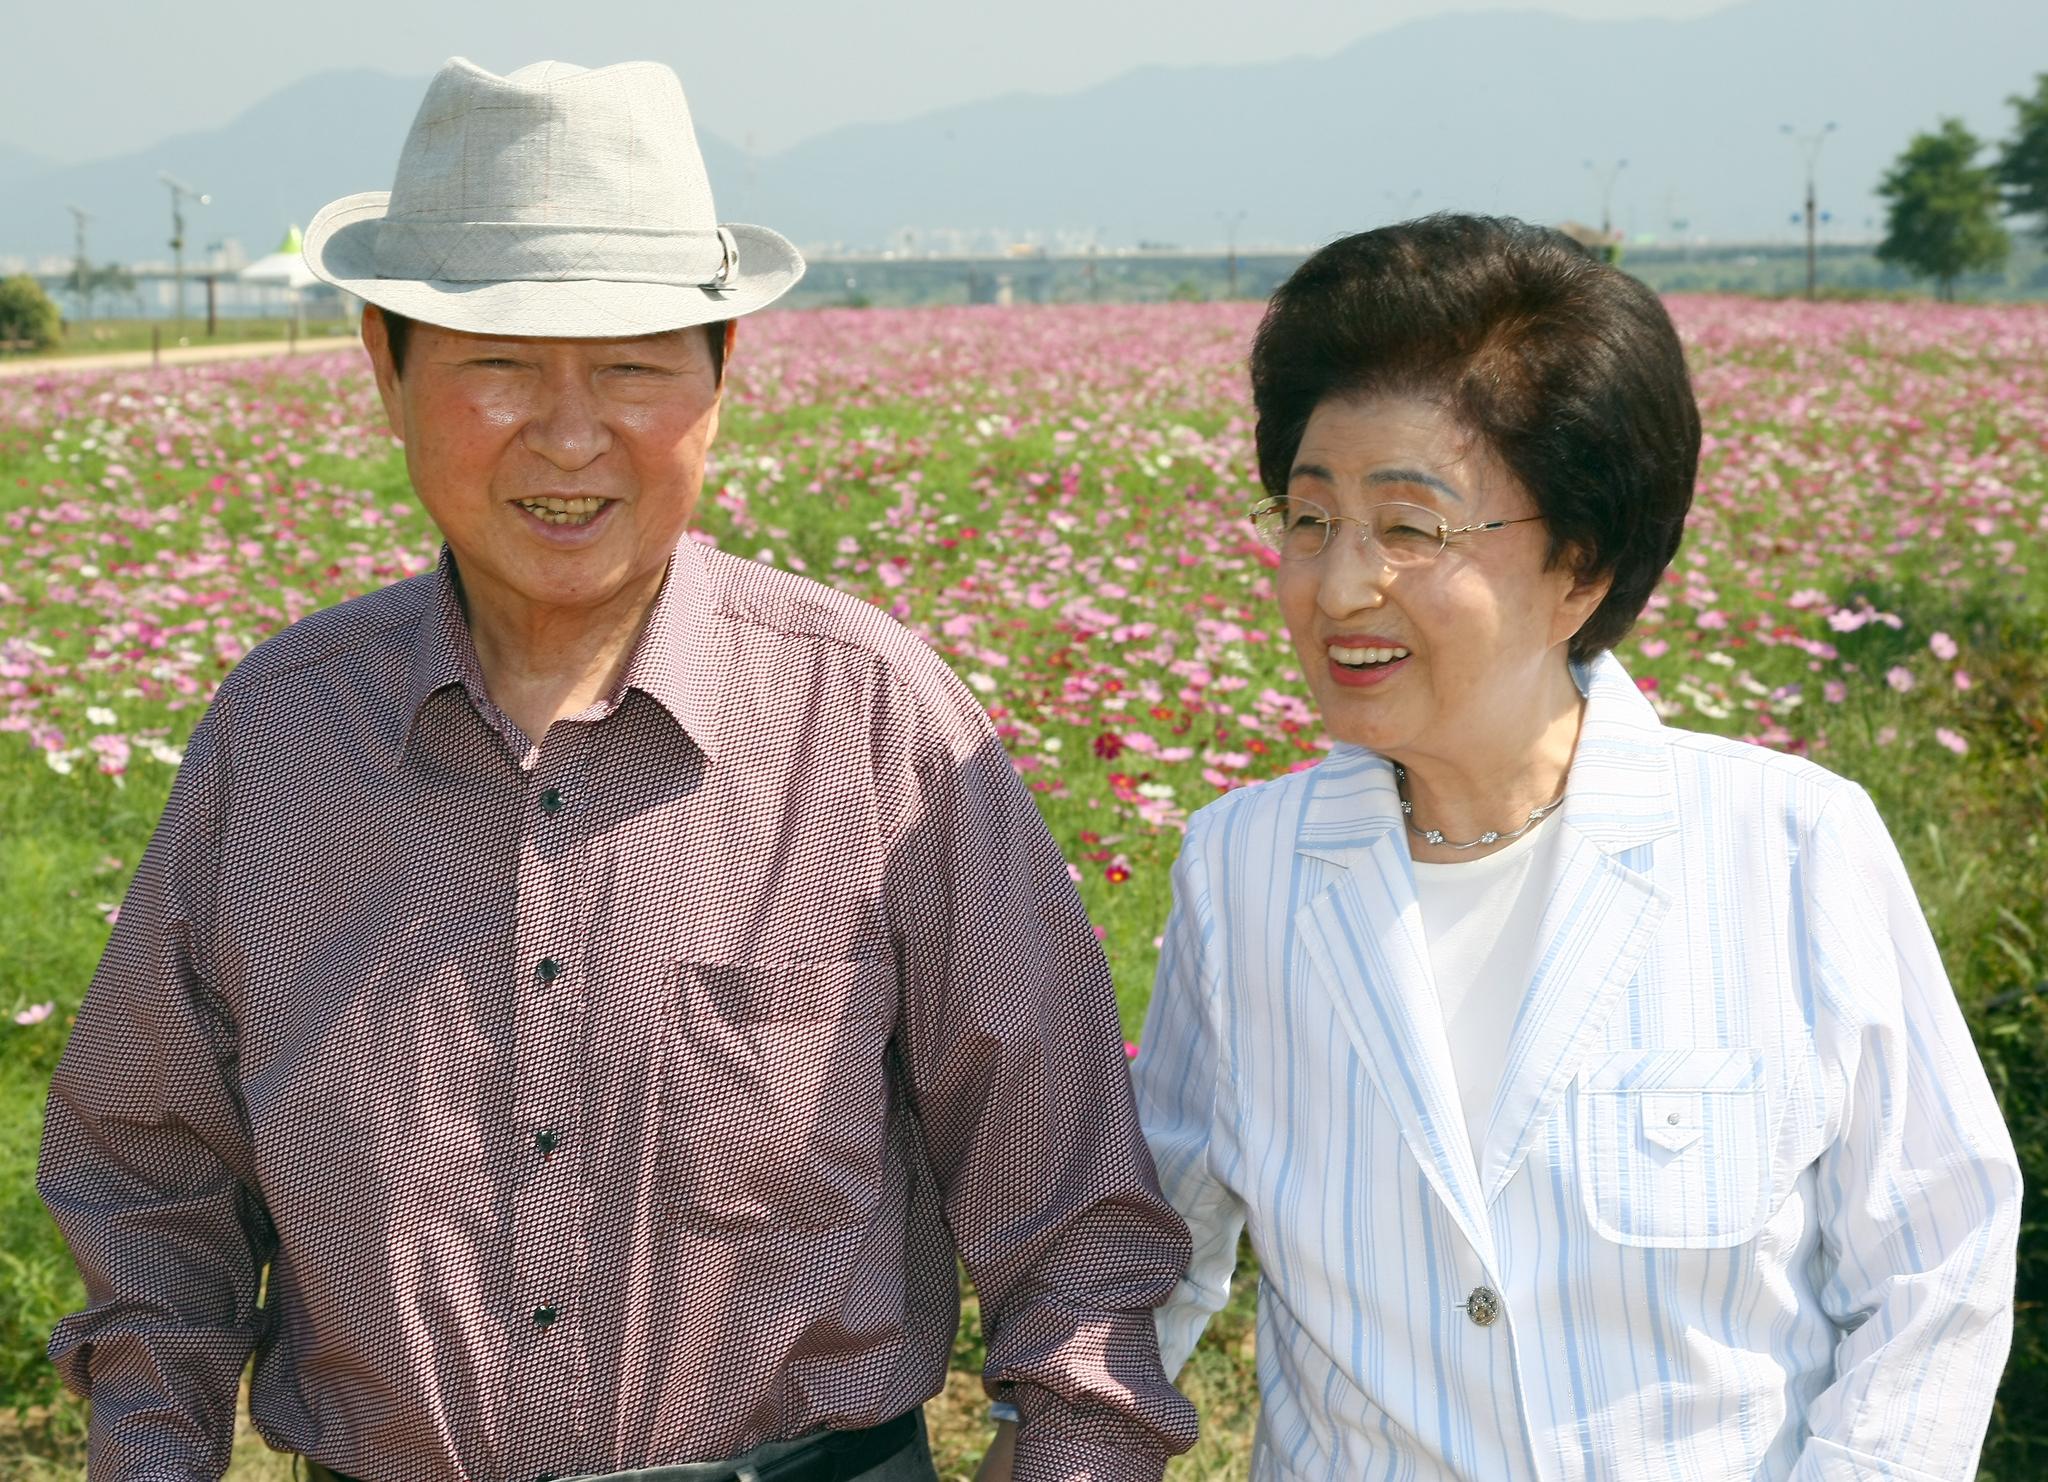 2008년 9월 18일 김대중 전 대통령과 부인 이희호 여사가 경기도 구리의 한강 둔치에 만개한 코스모스 단지를 둘러본 뒤 기념촬영을 하고 있다. [연합뉴스]